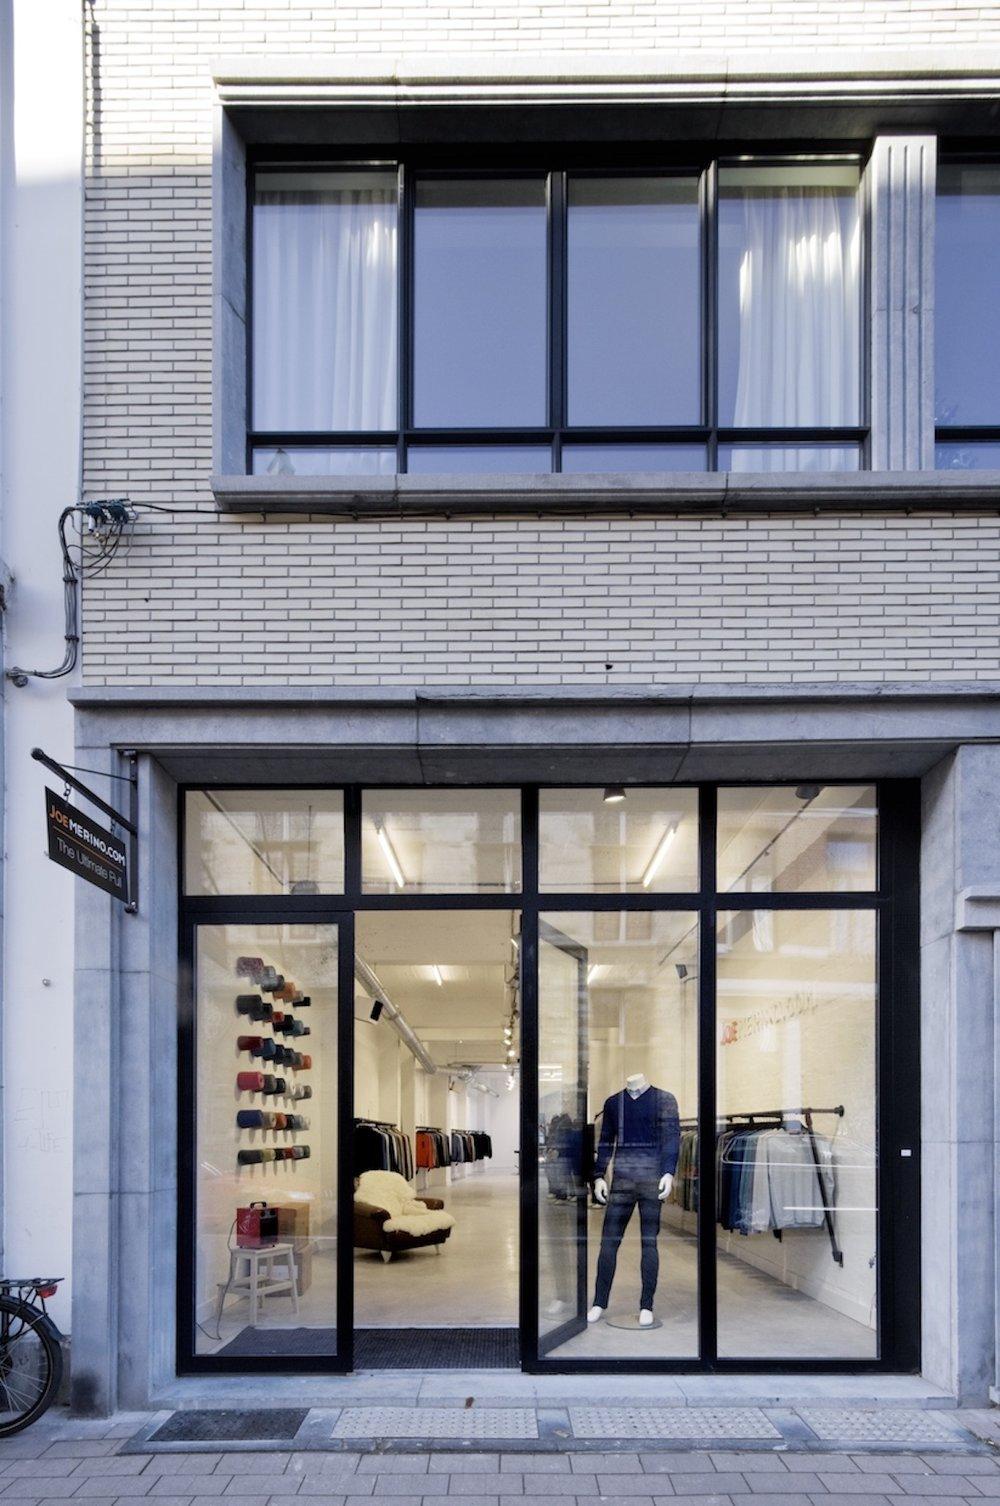 Kloosterstraat3.jpg